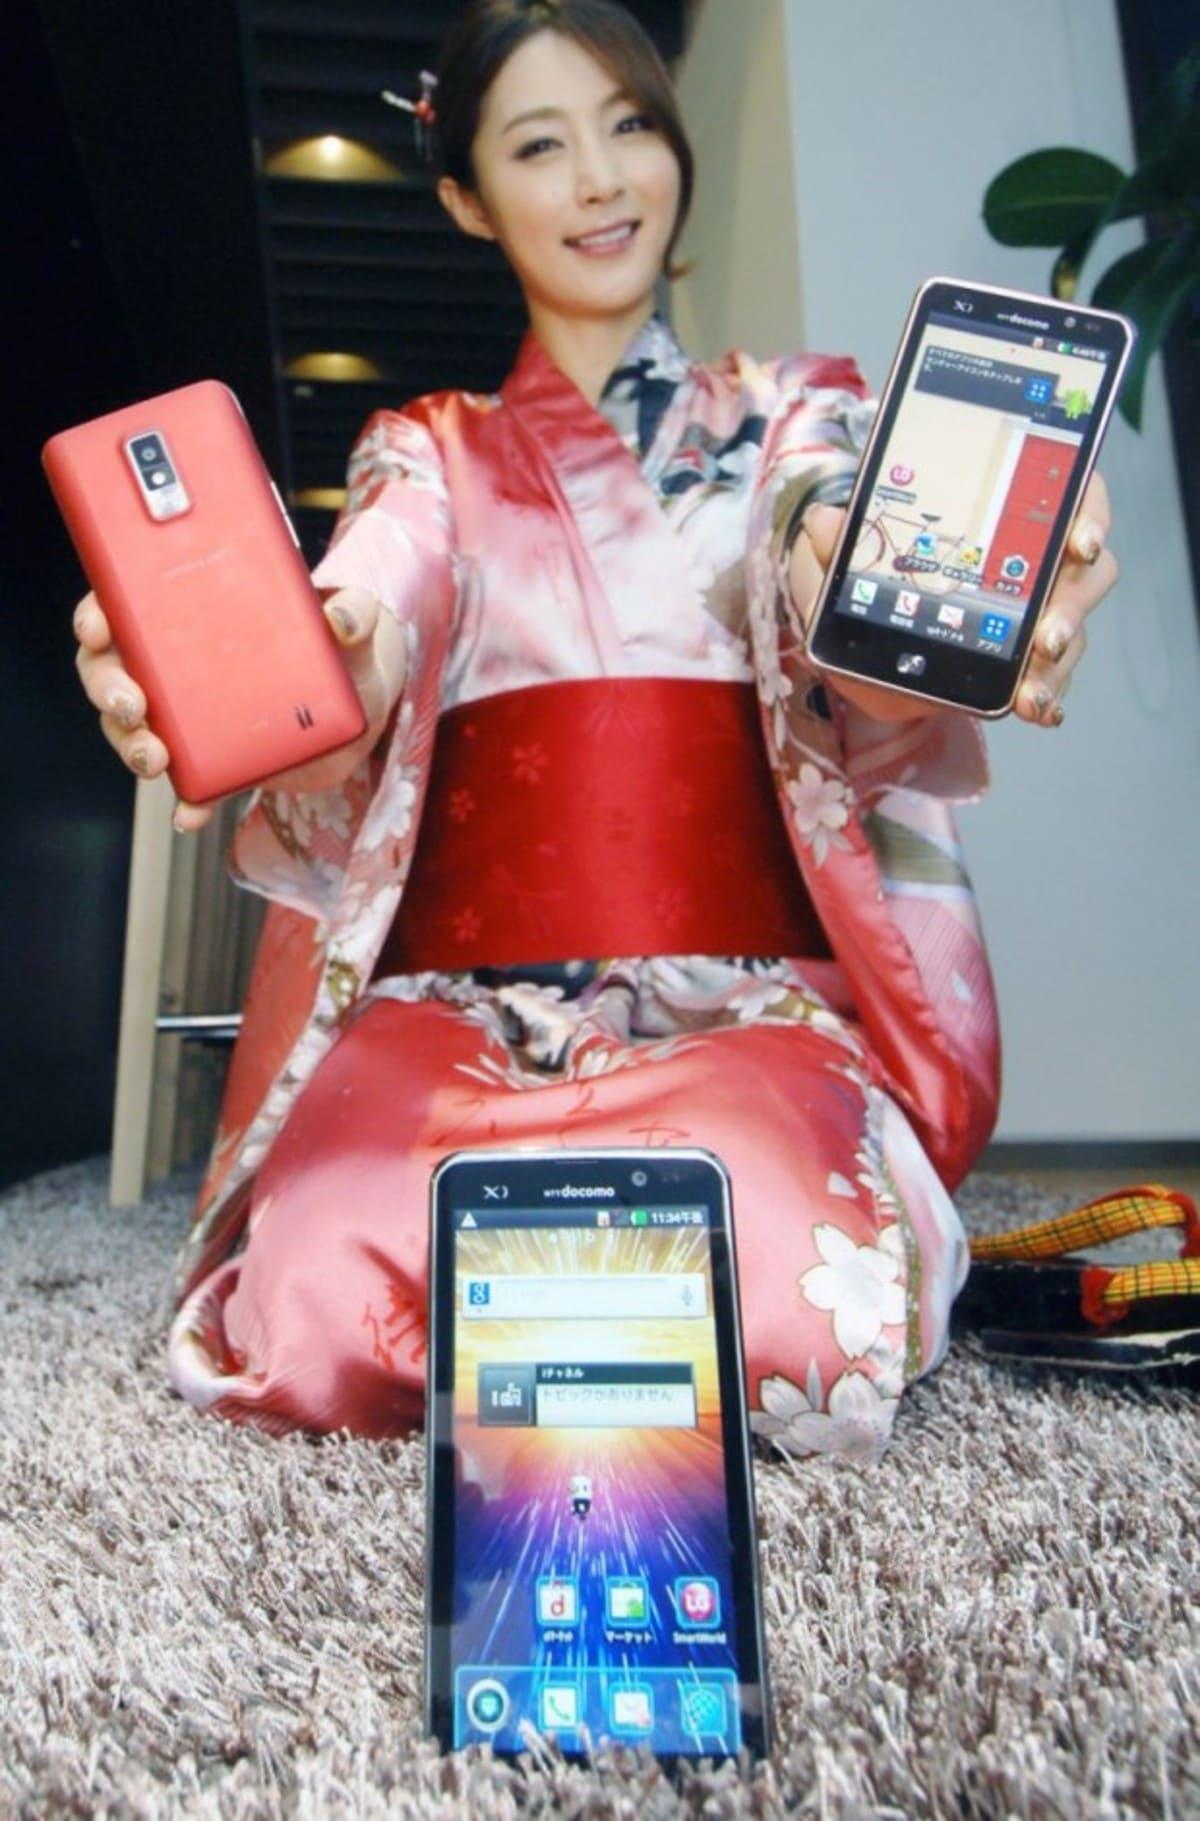 LG Optimus LTE e1323905034268 0